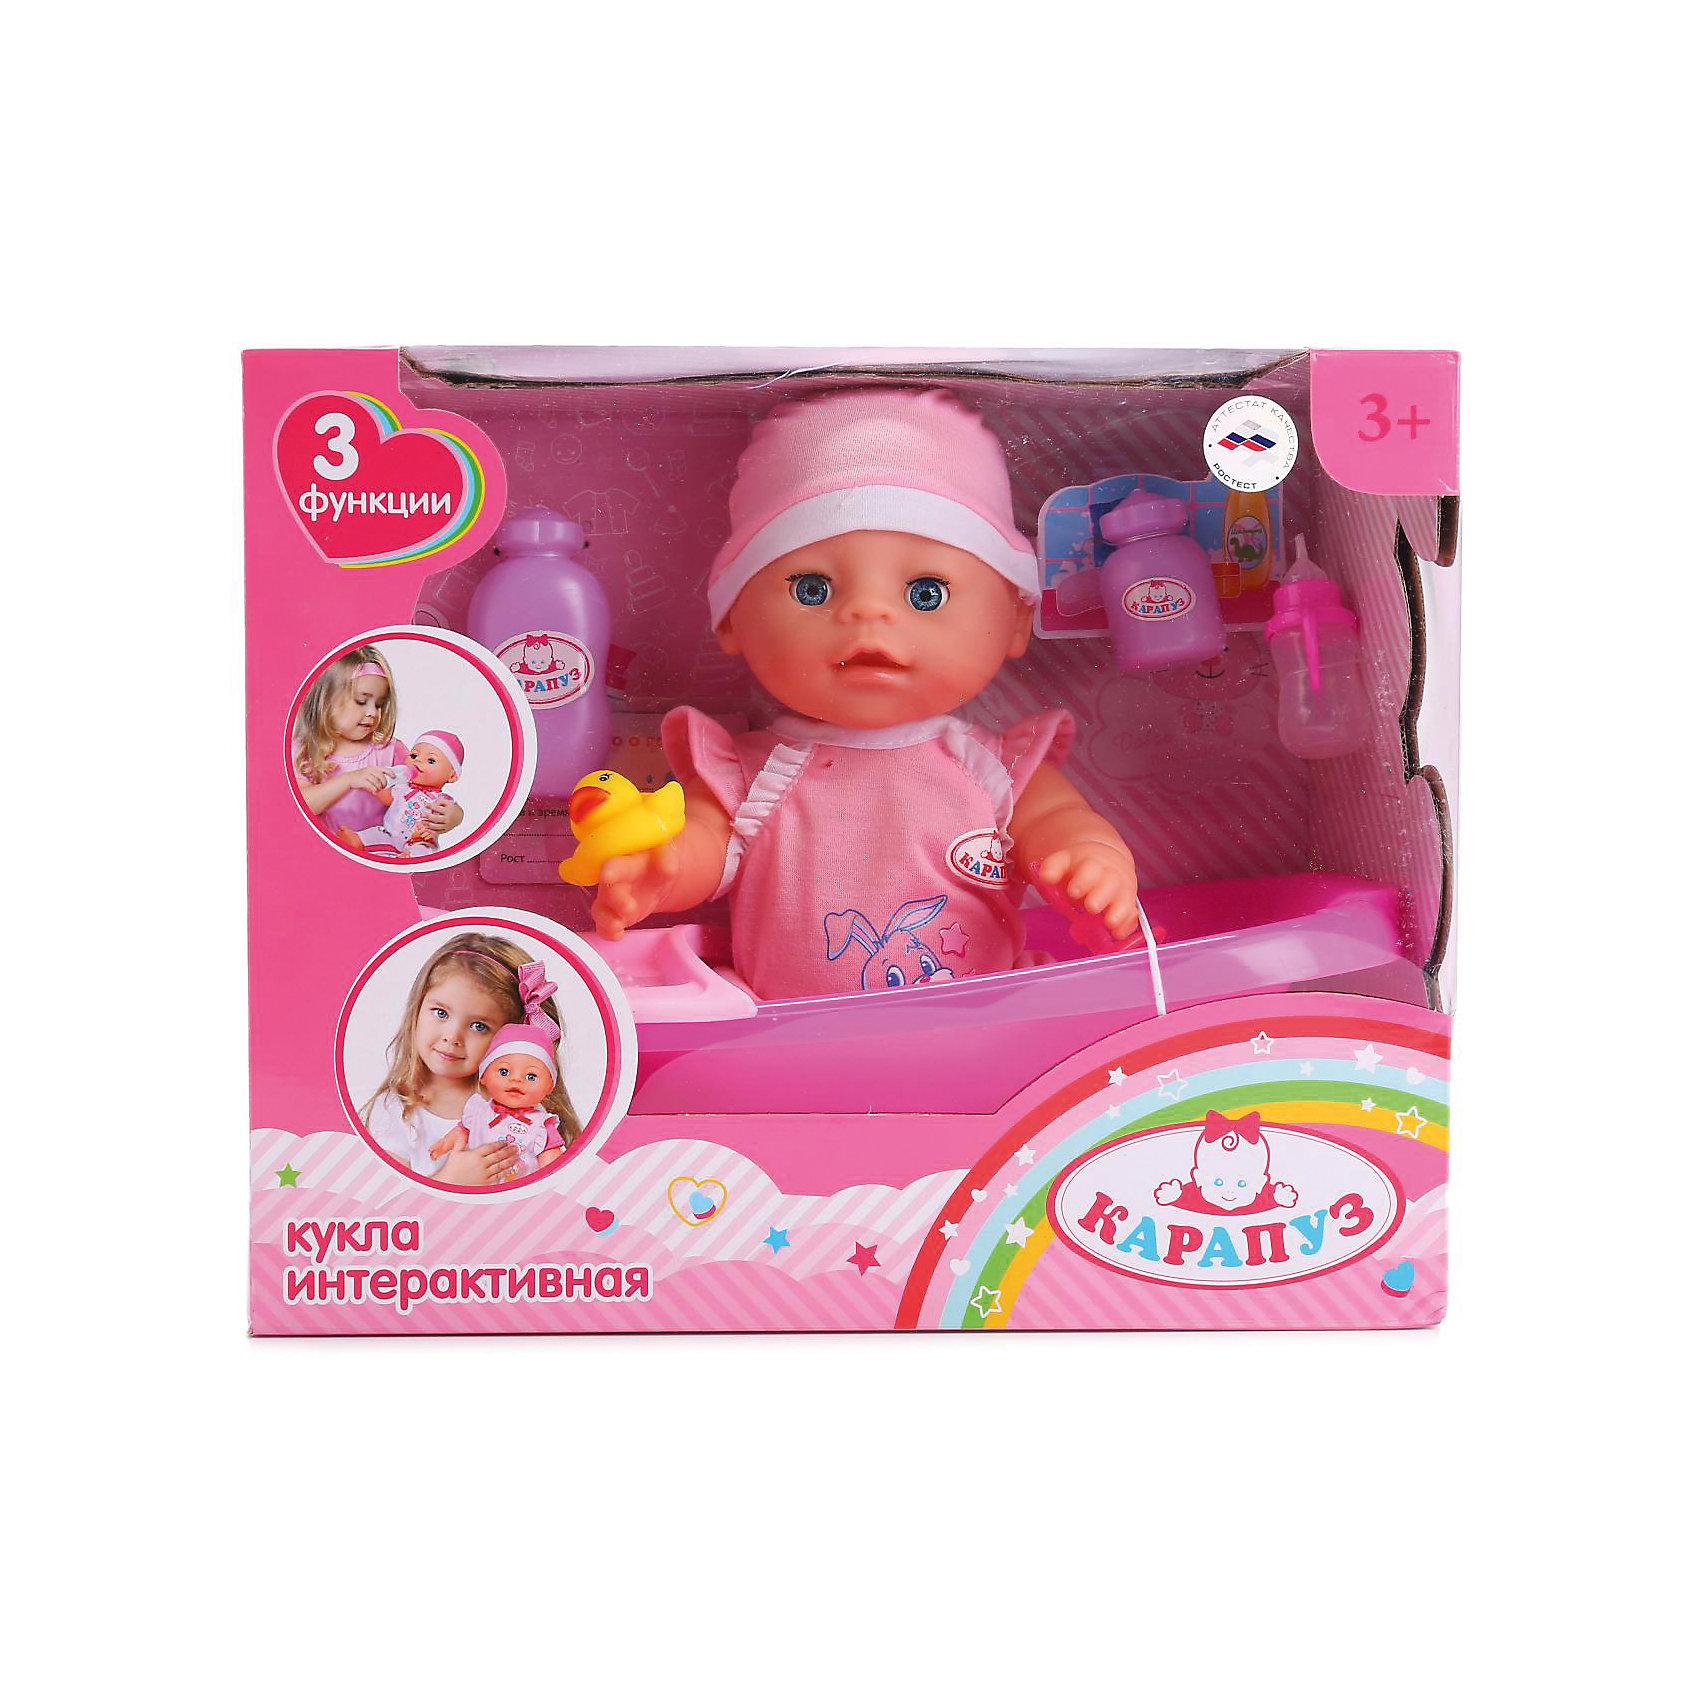 Интерактивный пупс Карапуз с аксессуарами, 30 смИнтерактивные куклы<br>Интерактивный пупс станет прекрасным подарком для малышки. Она имеет 3 функции: пьет из бутылочки, писает в горшочек, закрывает глазки, когда спит. У куклы твердое тело, ножки и ручки двигаются. Кукле можно поменять памперс. В набор с игрушкой входят аксессуары: памперс, соска, бутылочка, ванночка, уточка, свидетельство о рождении, баночки с присыпками. Кукла одета в красивый костюмчик и шапочку. Сделан из прочного высококачественного пластика и текстиля. Размер пупса 30 см. Рекомендовано детям от 3-х лет.<br><br>Ширина мм: 260<br>Глубина мм: 190<br>Высота мм: 320<br>Вес г: 1050<br>Возраст от месяцев: 36<br>Возраст до месяцев: 60<br>Пол: Женский<br>Возраст: Детский<br>SKU: 7014451